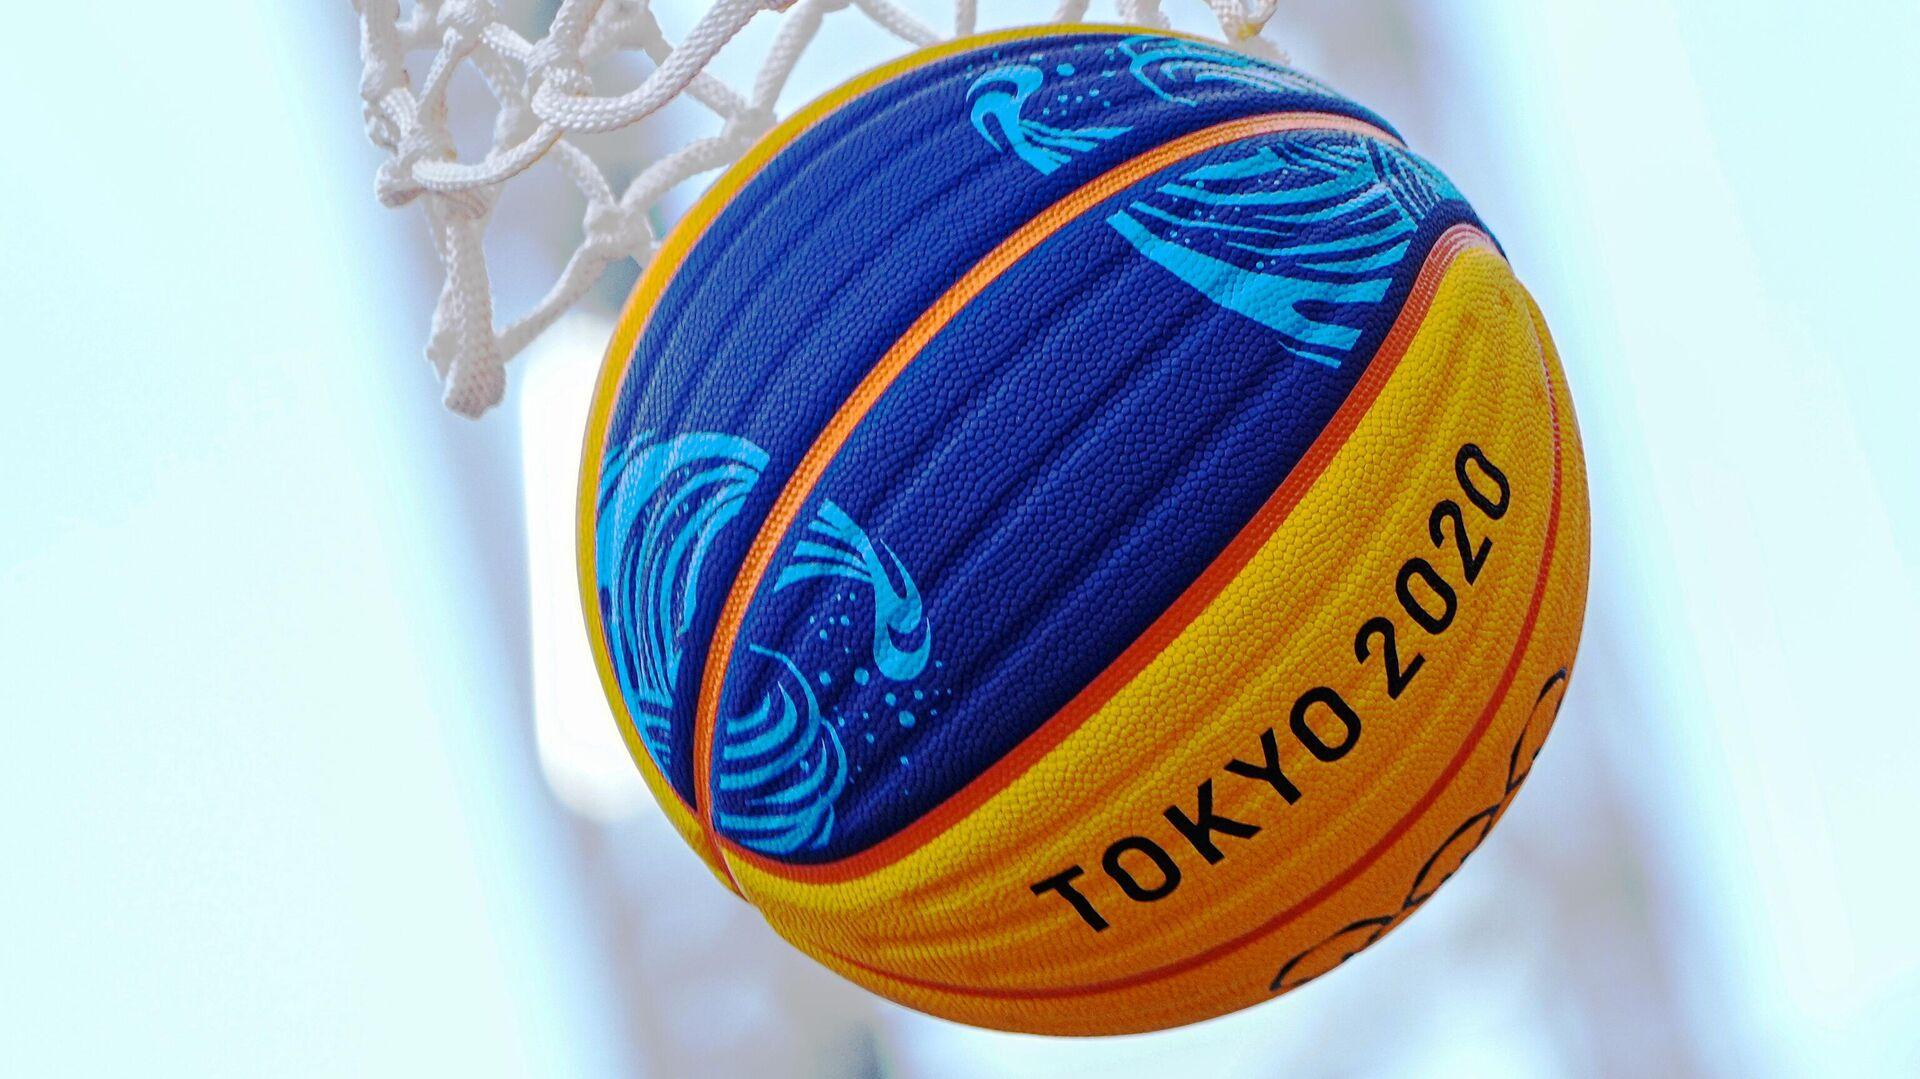 Баскетбольный мяч - РИА Новости, 1920, 29.07.2021